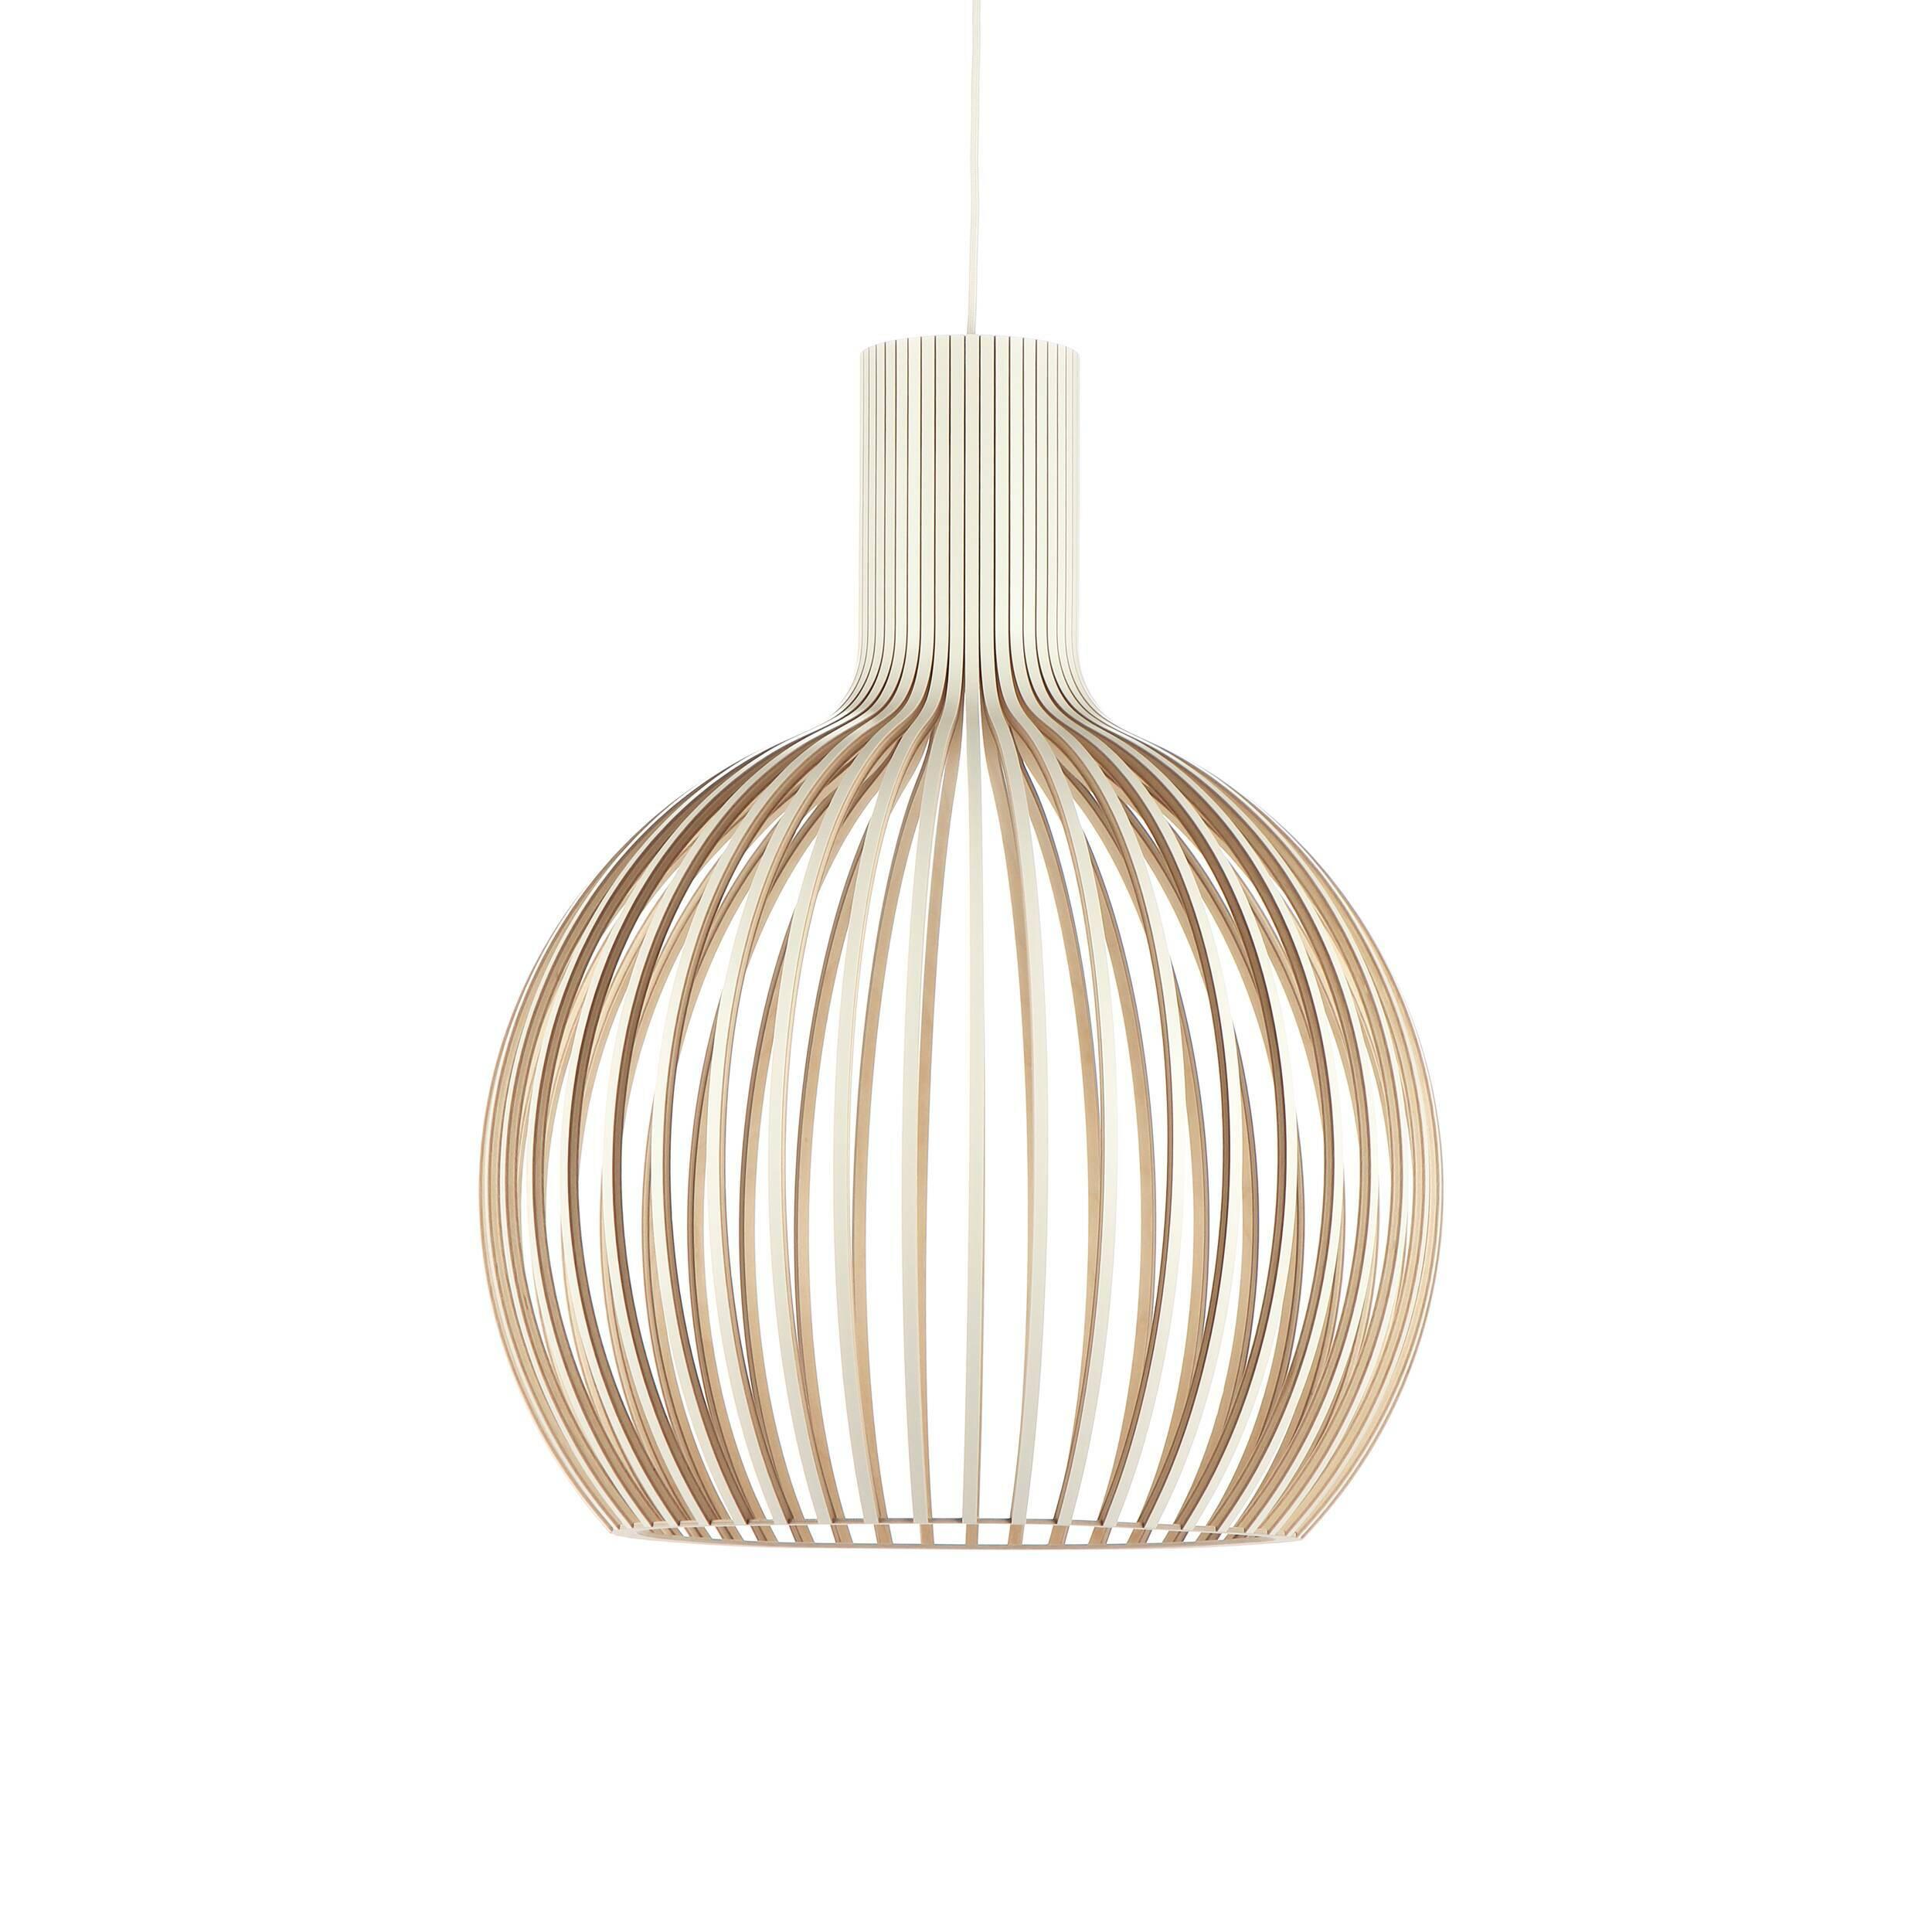 Подвесной светильник Octo 4240Подвесные<br>Подвесной светильник Octo 4240<br><br> Компания Secto Design является финским производителем дизайнерских светильников из дерева, обретающих всемирную известность. Изготавливаемые вручную высококвалифицированными специалистами из натуральной древесины березы, они наделены простотой и четкостью скандинавского стиля. Торшеры, подвесные светильники и настенные бра, а также настольные лампы обеспечивают мягкое свечение и придают атмосферность любому помещению.<br><br><br> Подвесной светильник Octo 4240 из...<br><br>stock: 0<br>Высота: 68<br>Диаметр: 54<br>Количество ламп: 1<br>Материал арматуры: Береза<br>Мощность лампы: 40<br>Ламп в комплекте: Нет<br>Напряжение: 220<br>Теплота света: 3000<br>Тип лампы/цоколь: E27<br>Цвет арматуры: Белый